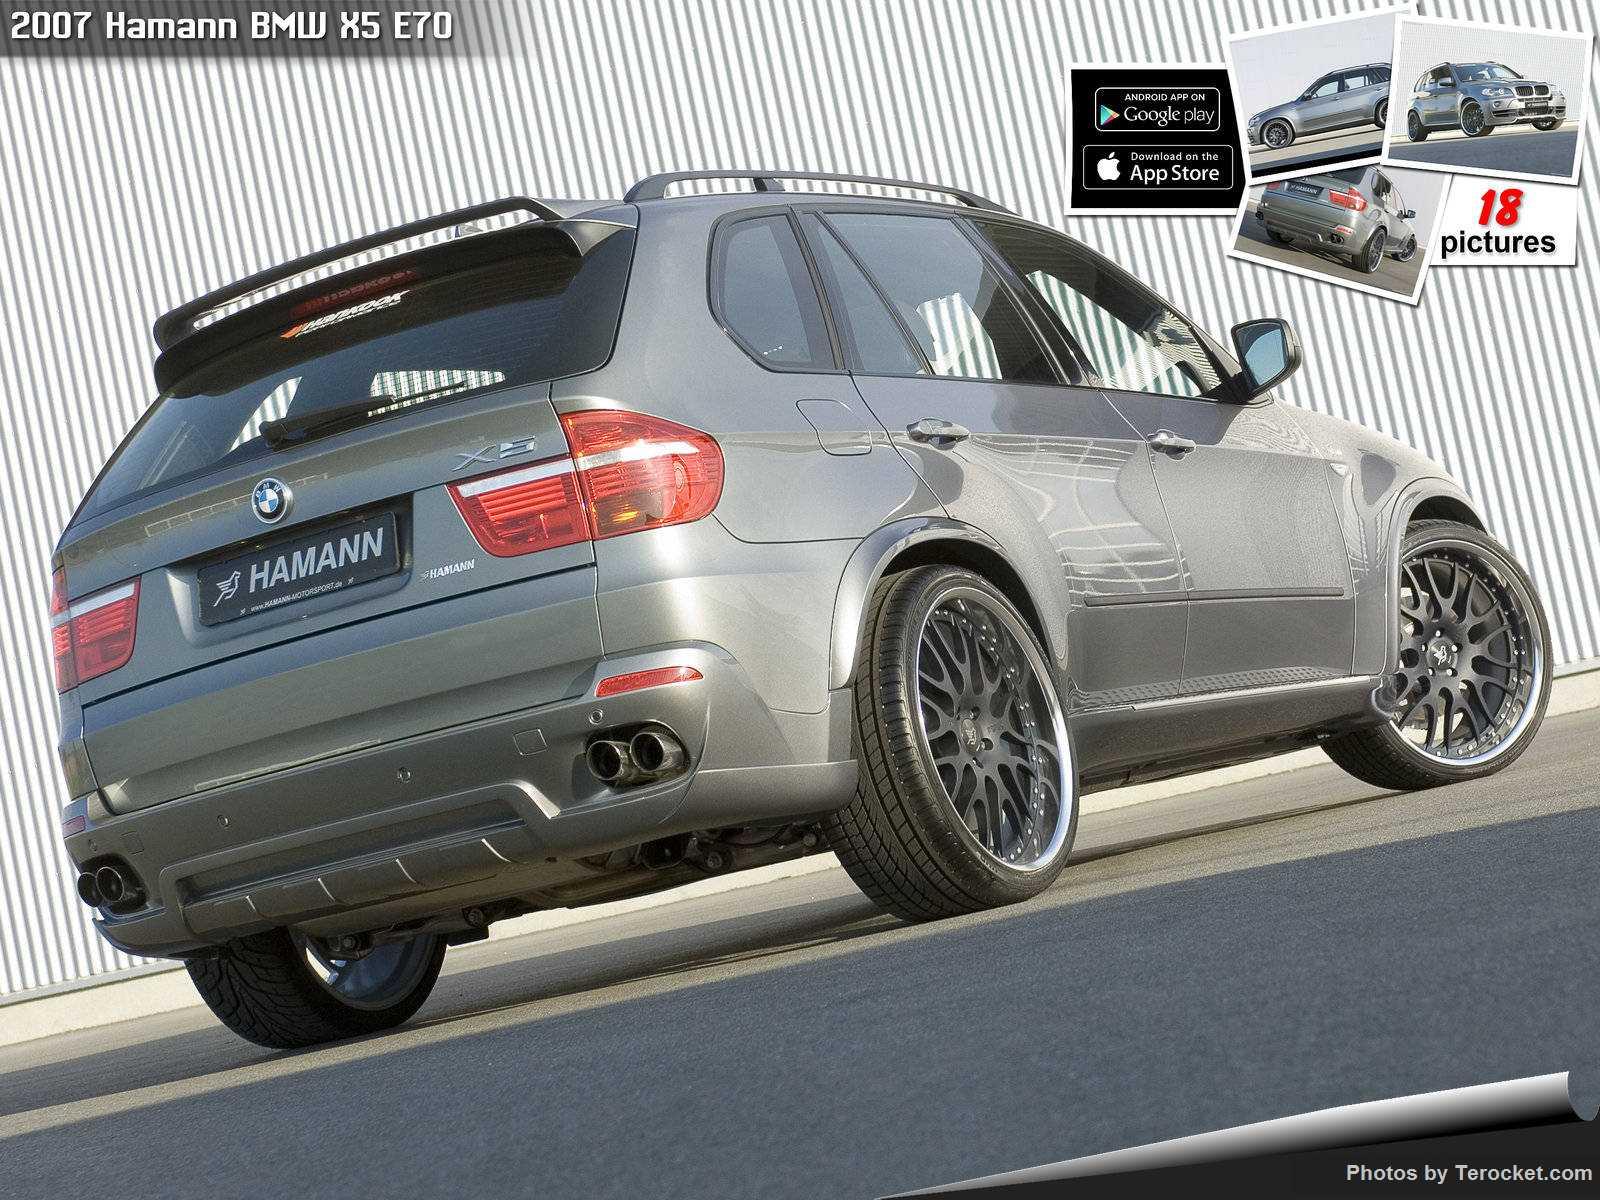 Hình ảnh xe ô tô Hamann BMW X5 E70 2007 & nội ngoại thất